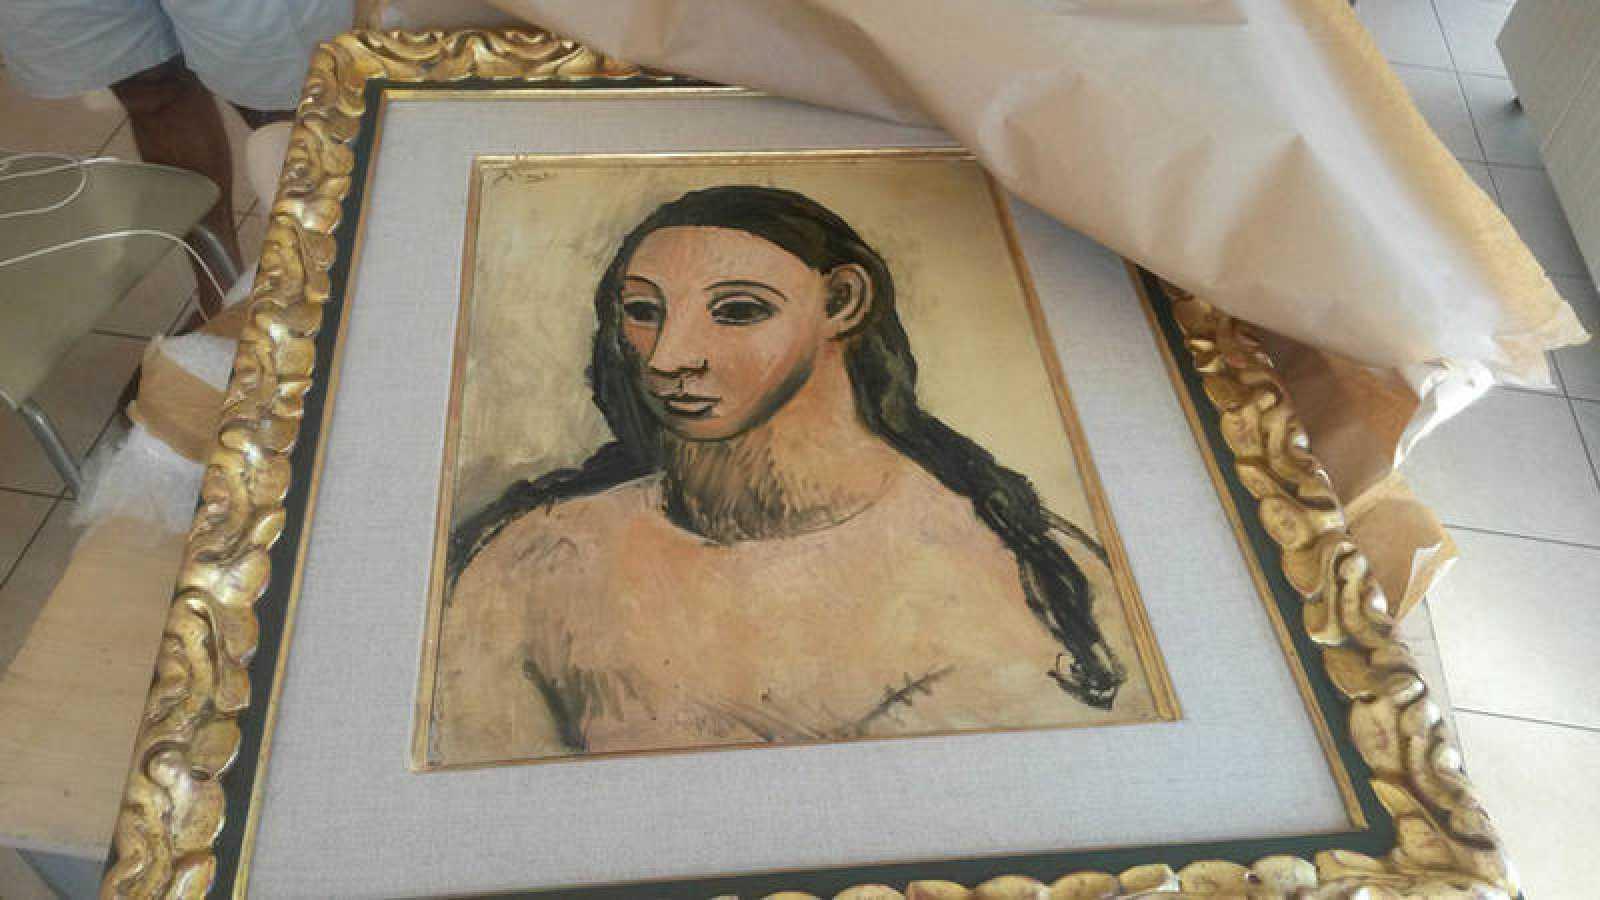 El cuadro de picasso 'Cabeza de mujer joven', valorado en 26 millones de euros